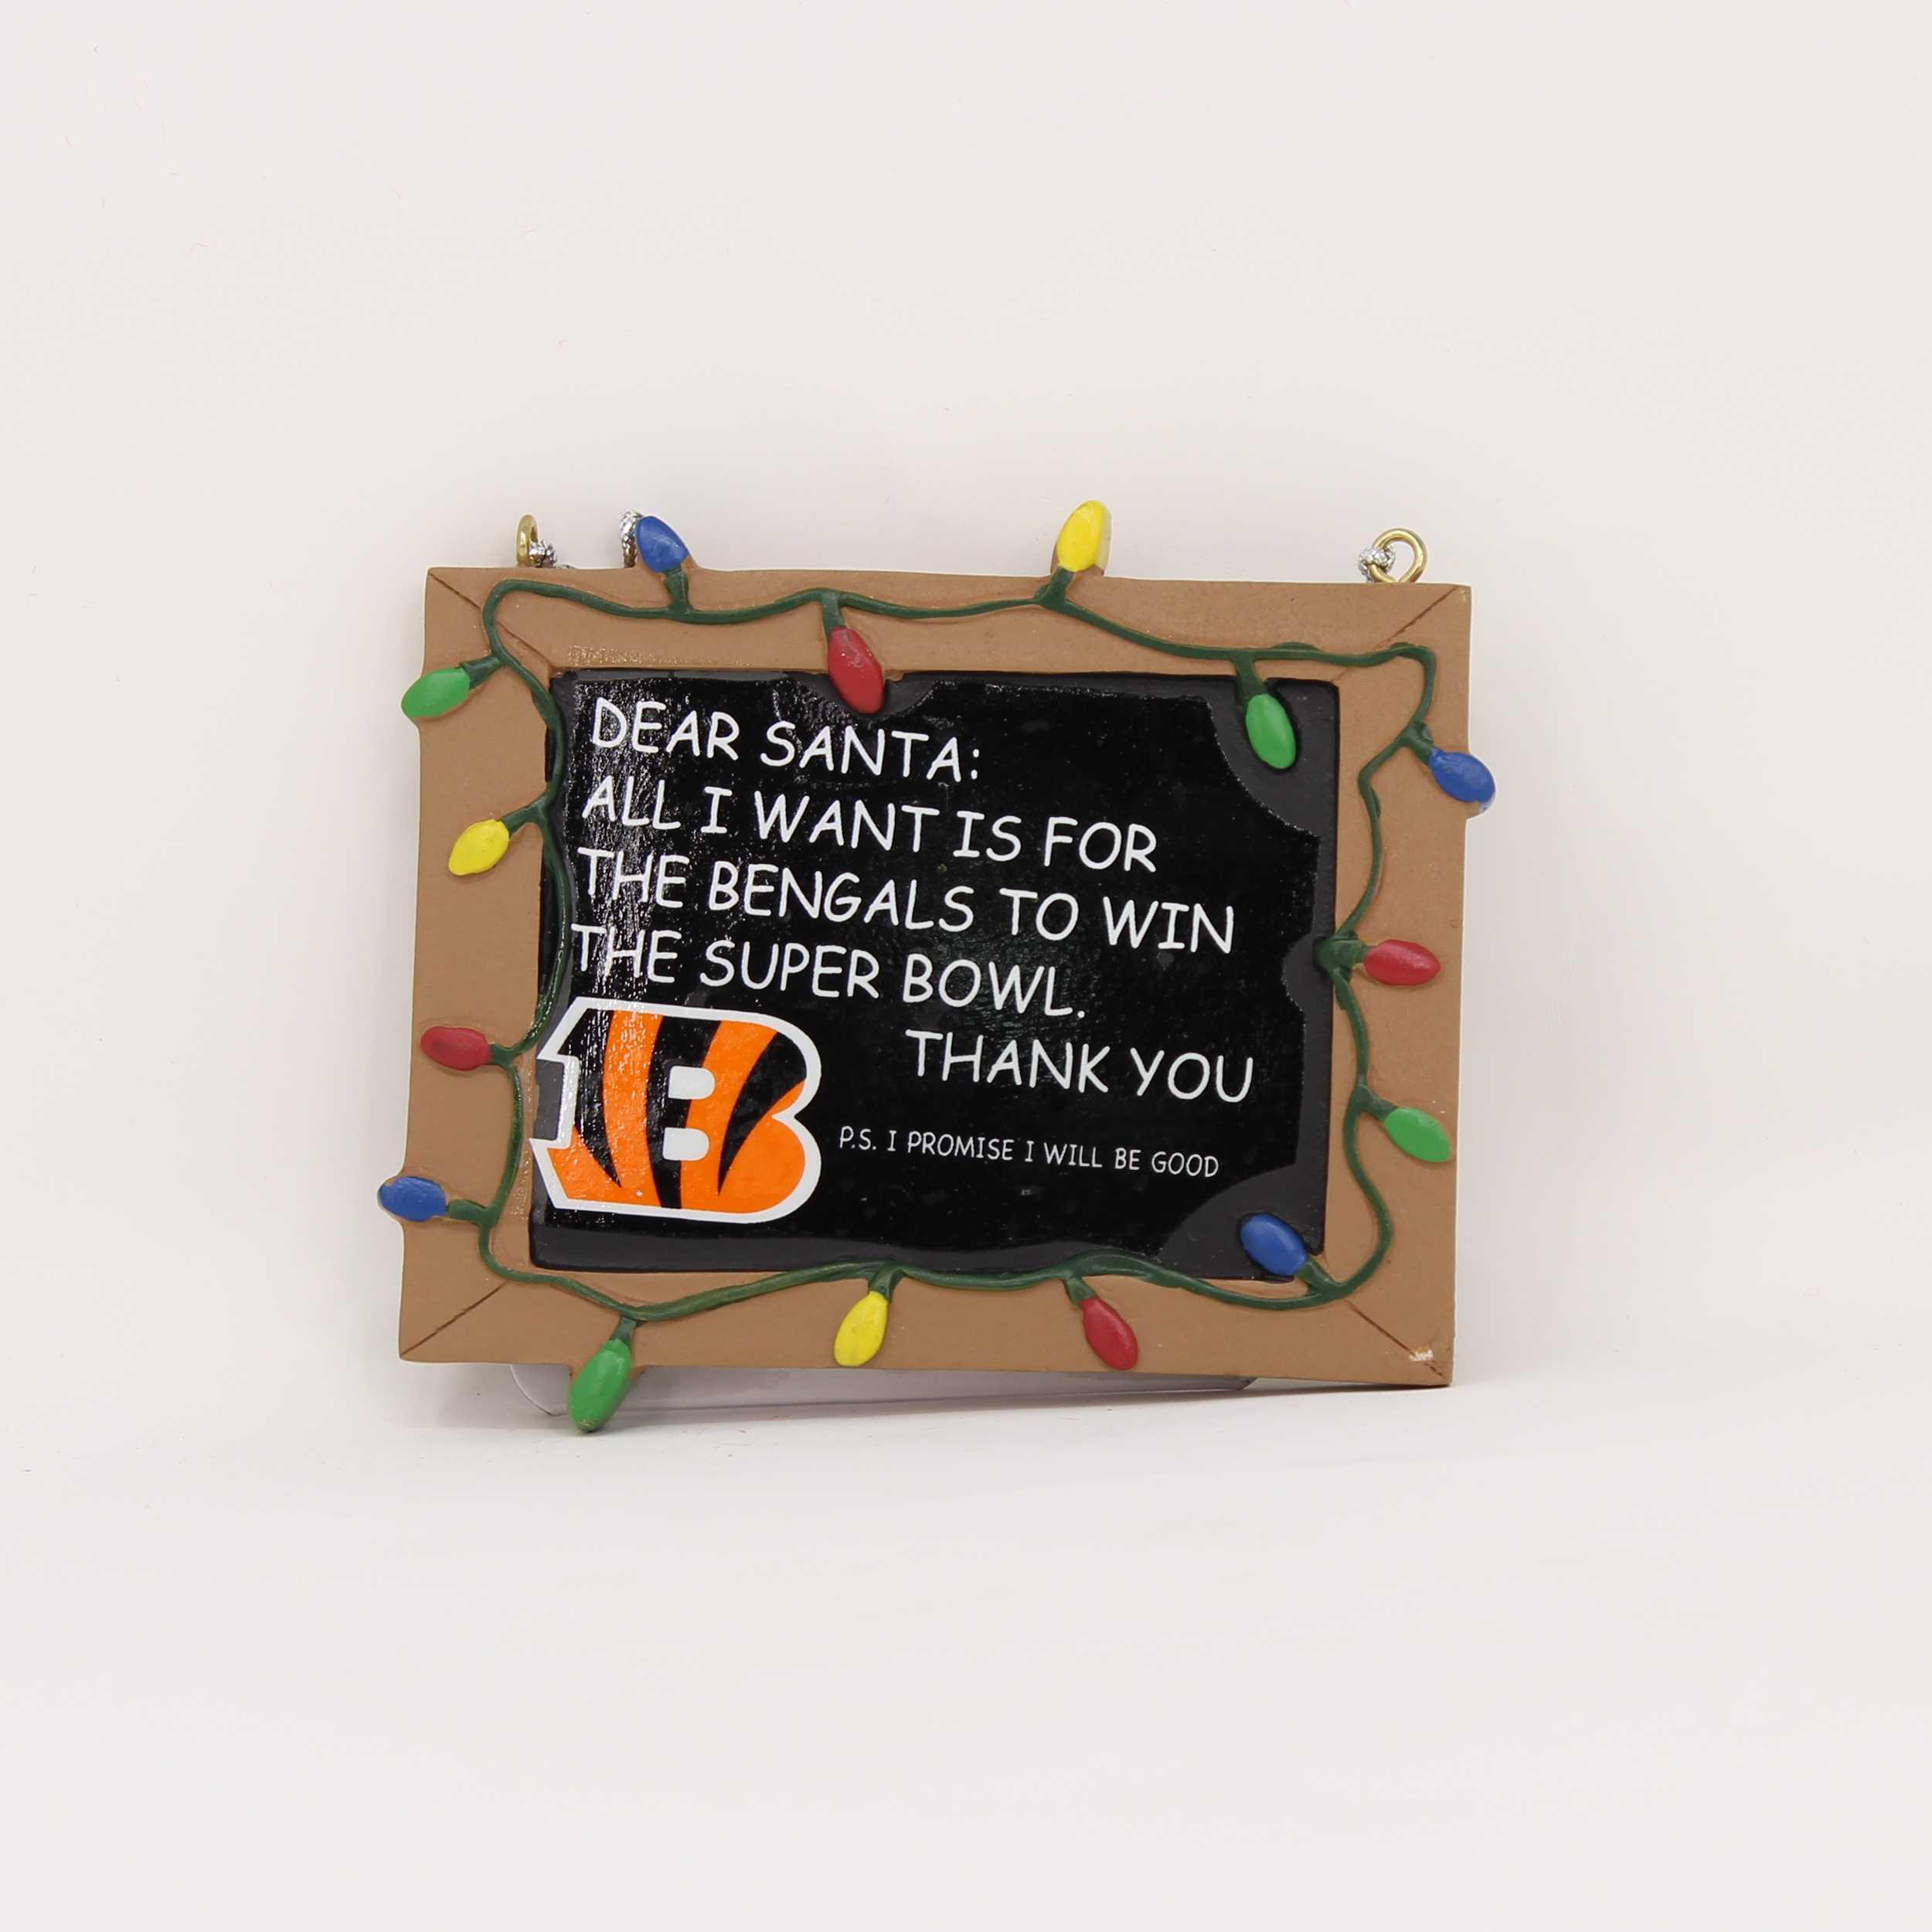 Cincinnati Bengals Chalkboard Sign Ornament